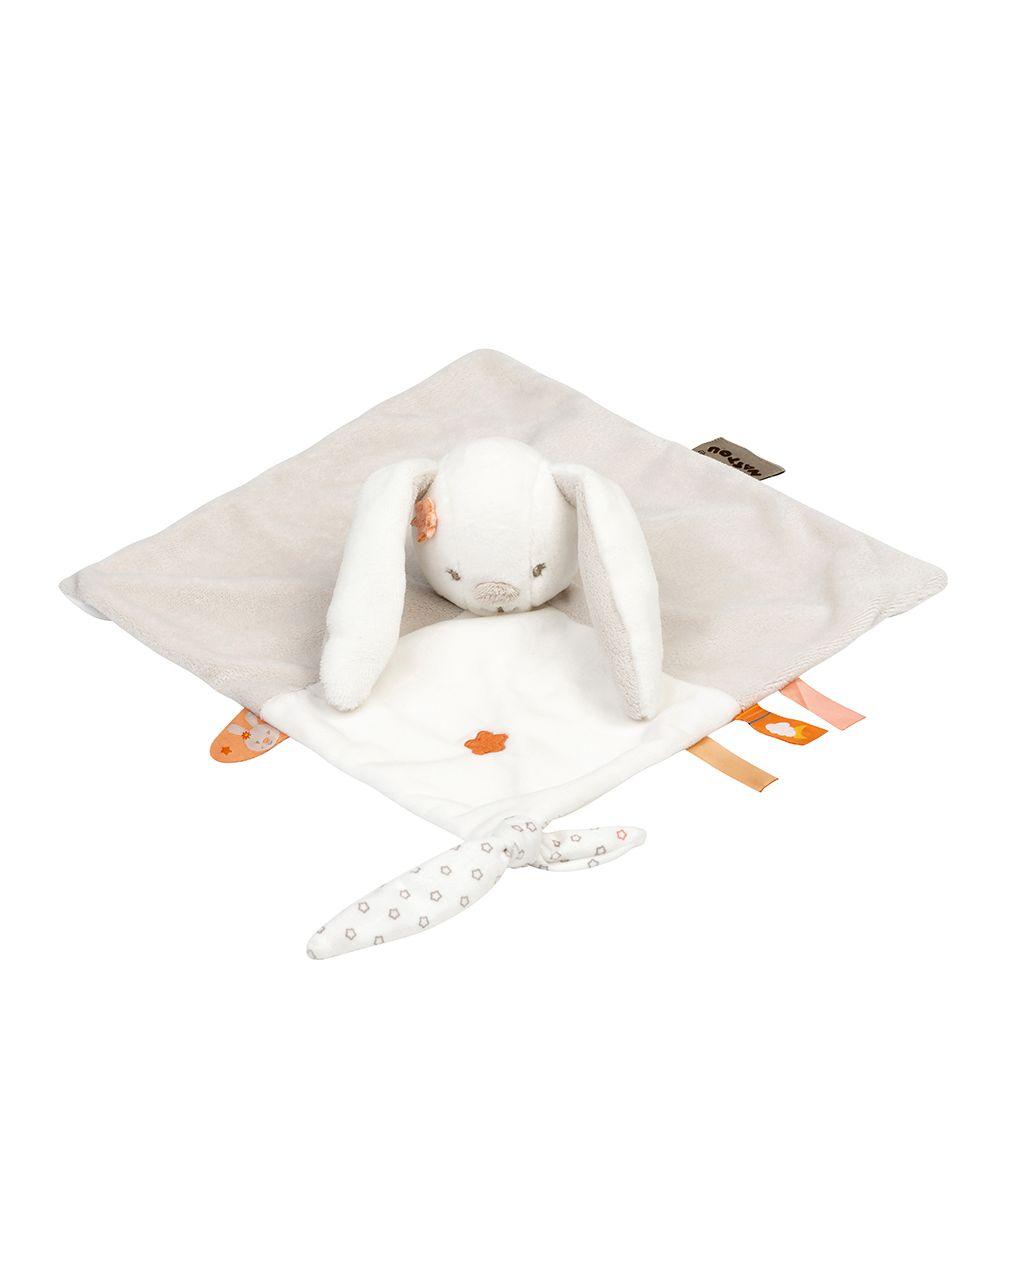 Nattou - doudou mia la coniglietta - Nattou